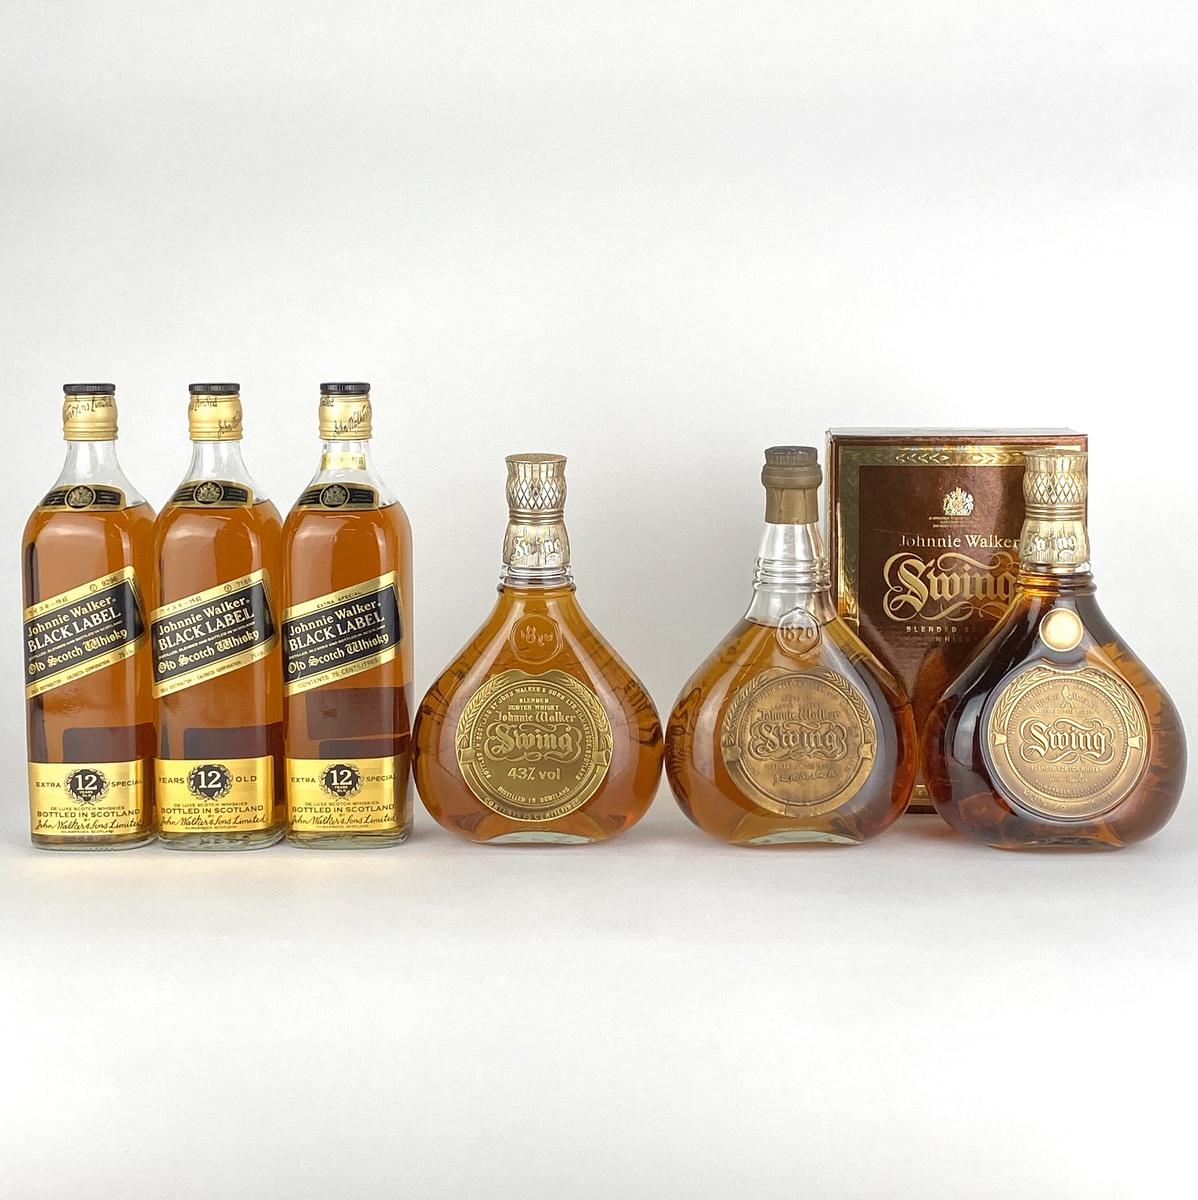 ジョニーウォーカー JOHNNIE WALKER ブラックラベル スウィング 6本セット 750ml ウイスキー セット 【古酒】